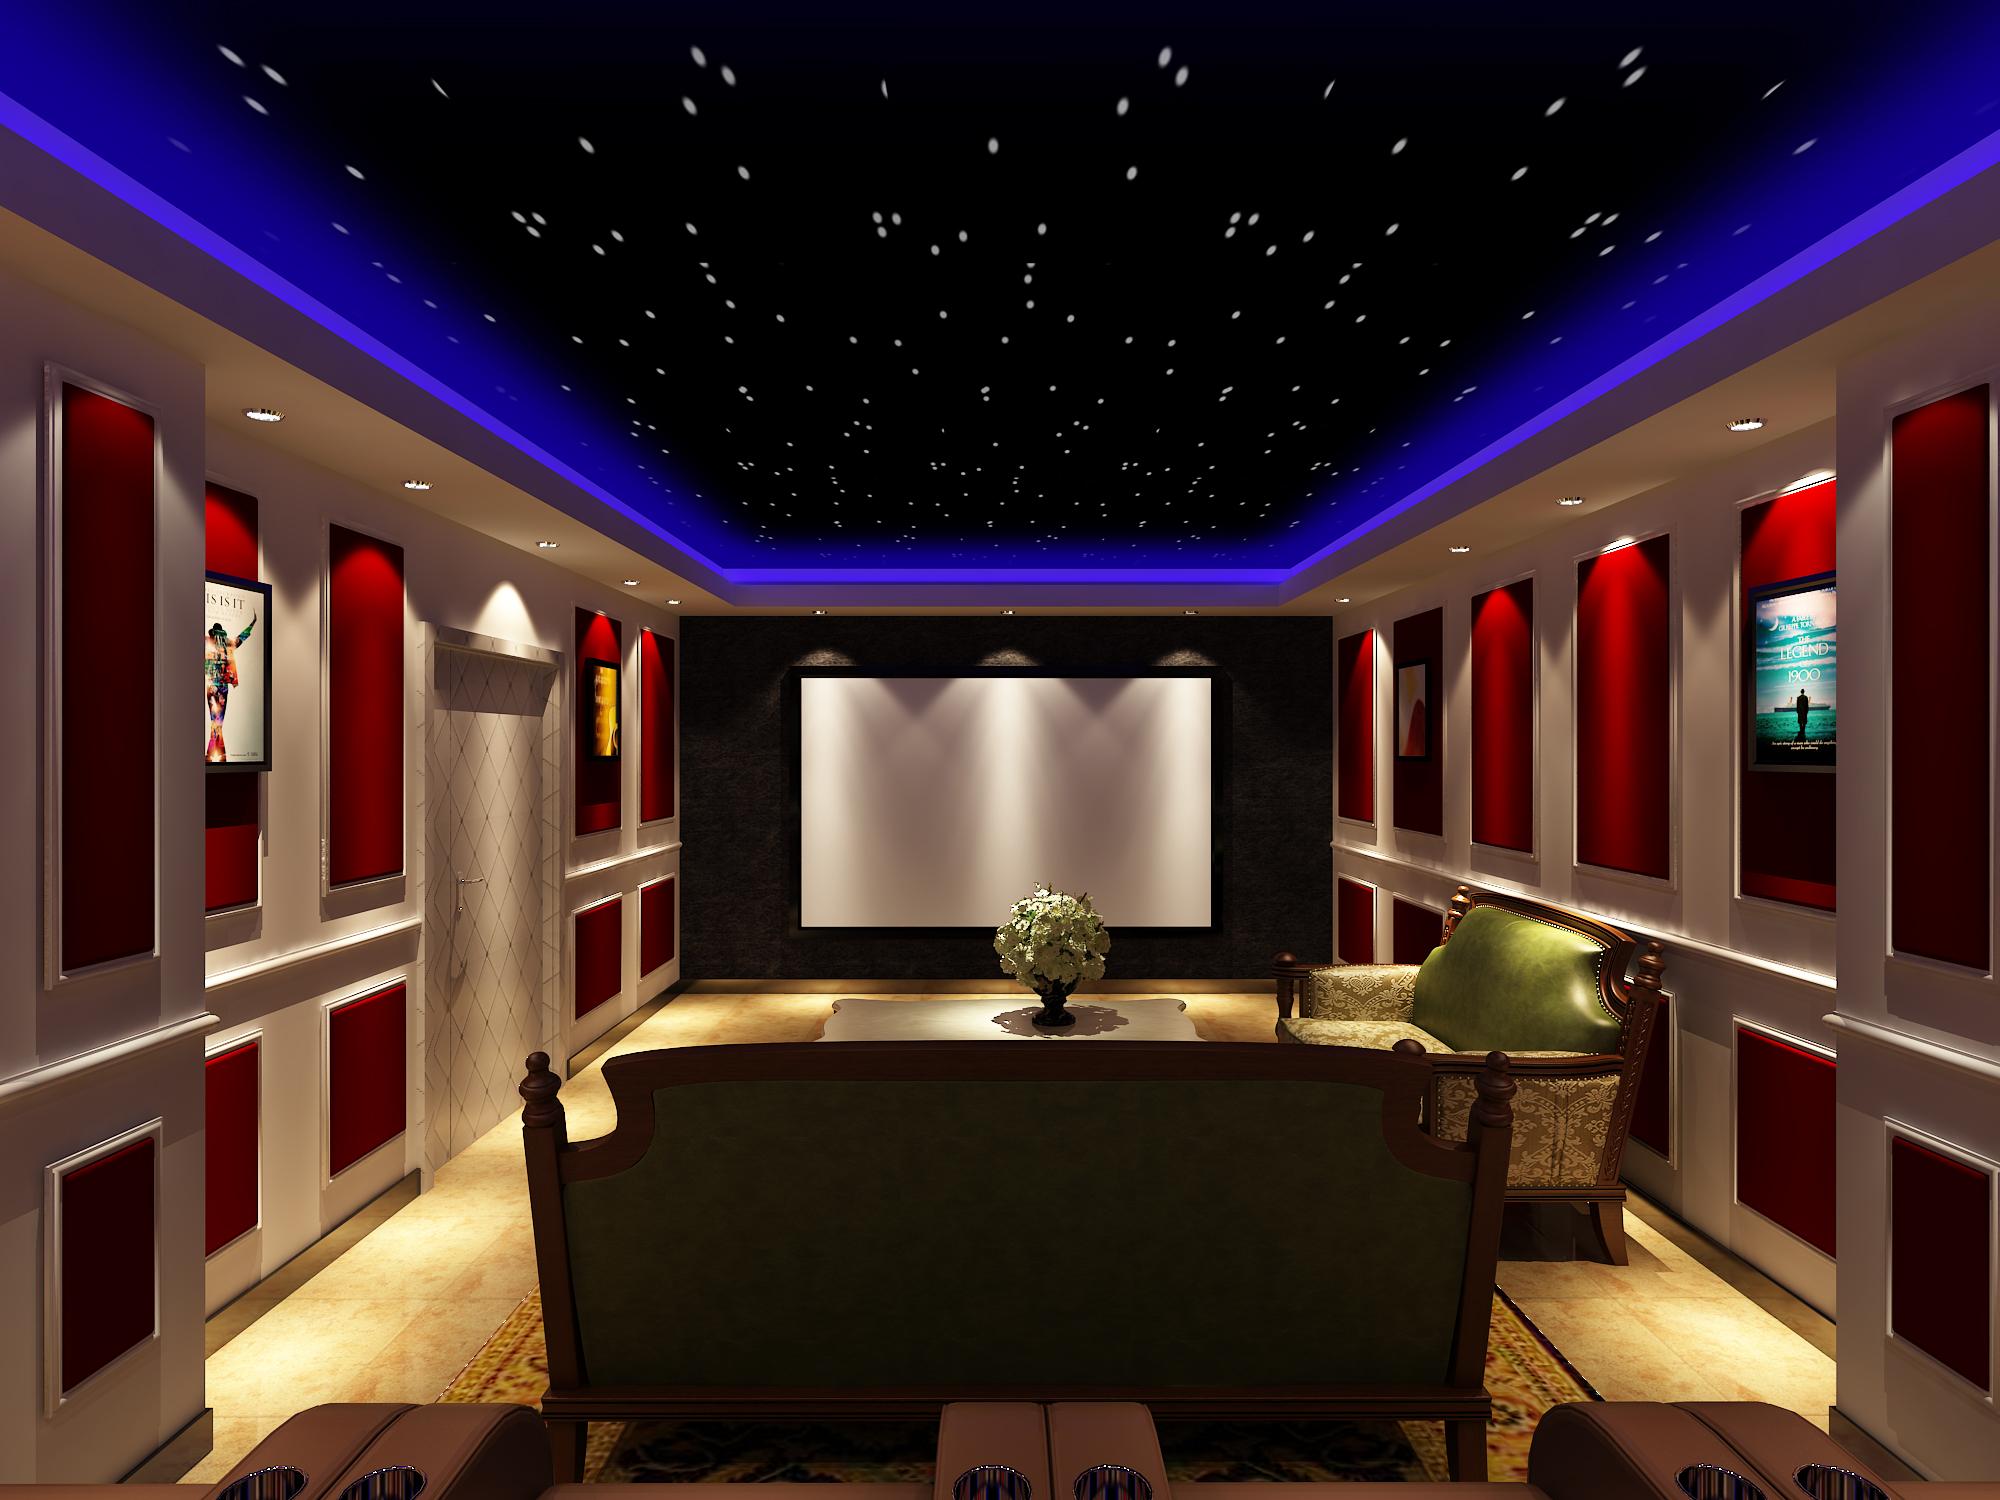 家庭影院设计常见的几大误区,绝大多数发烧友都避免不了的误区